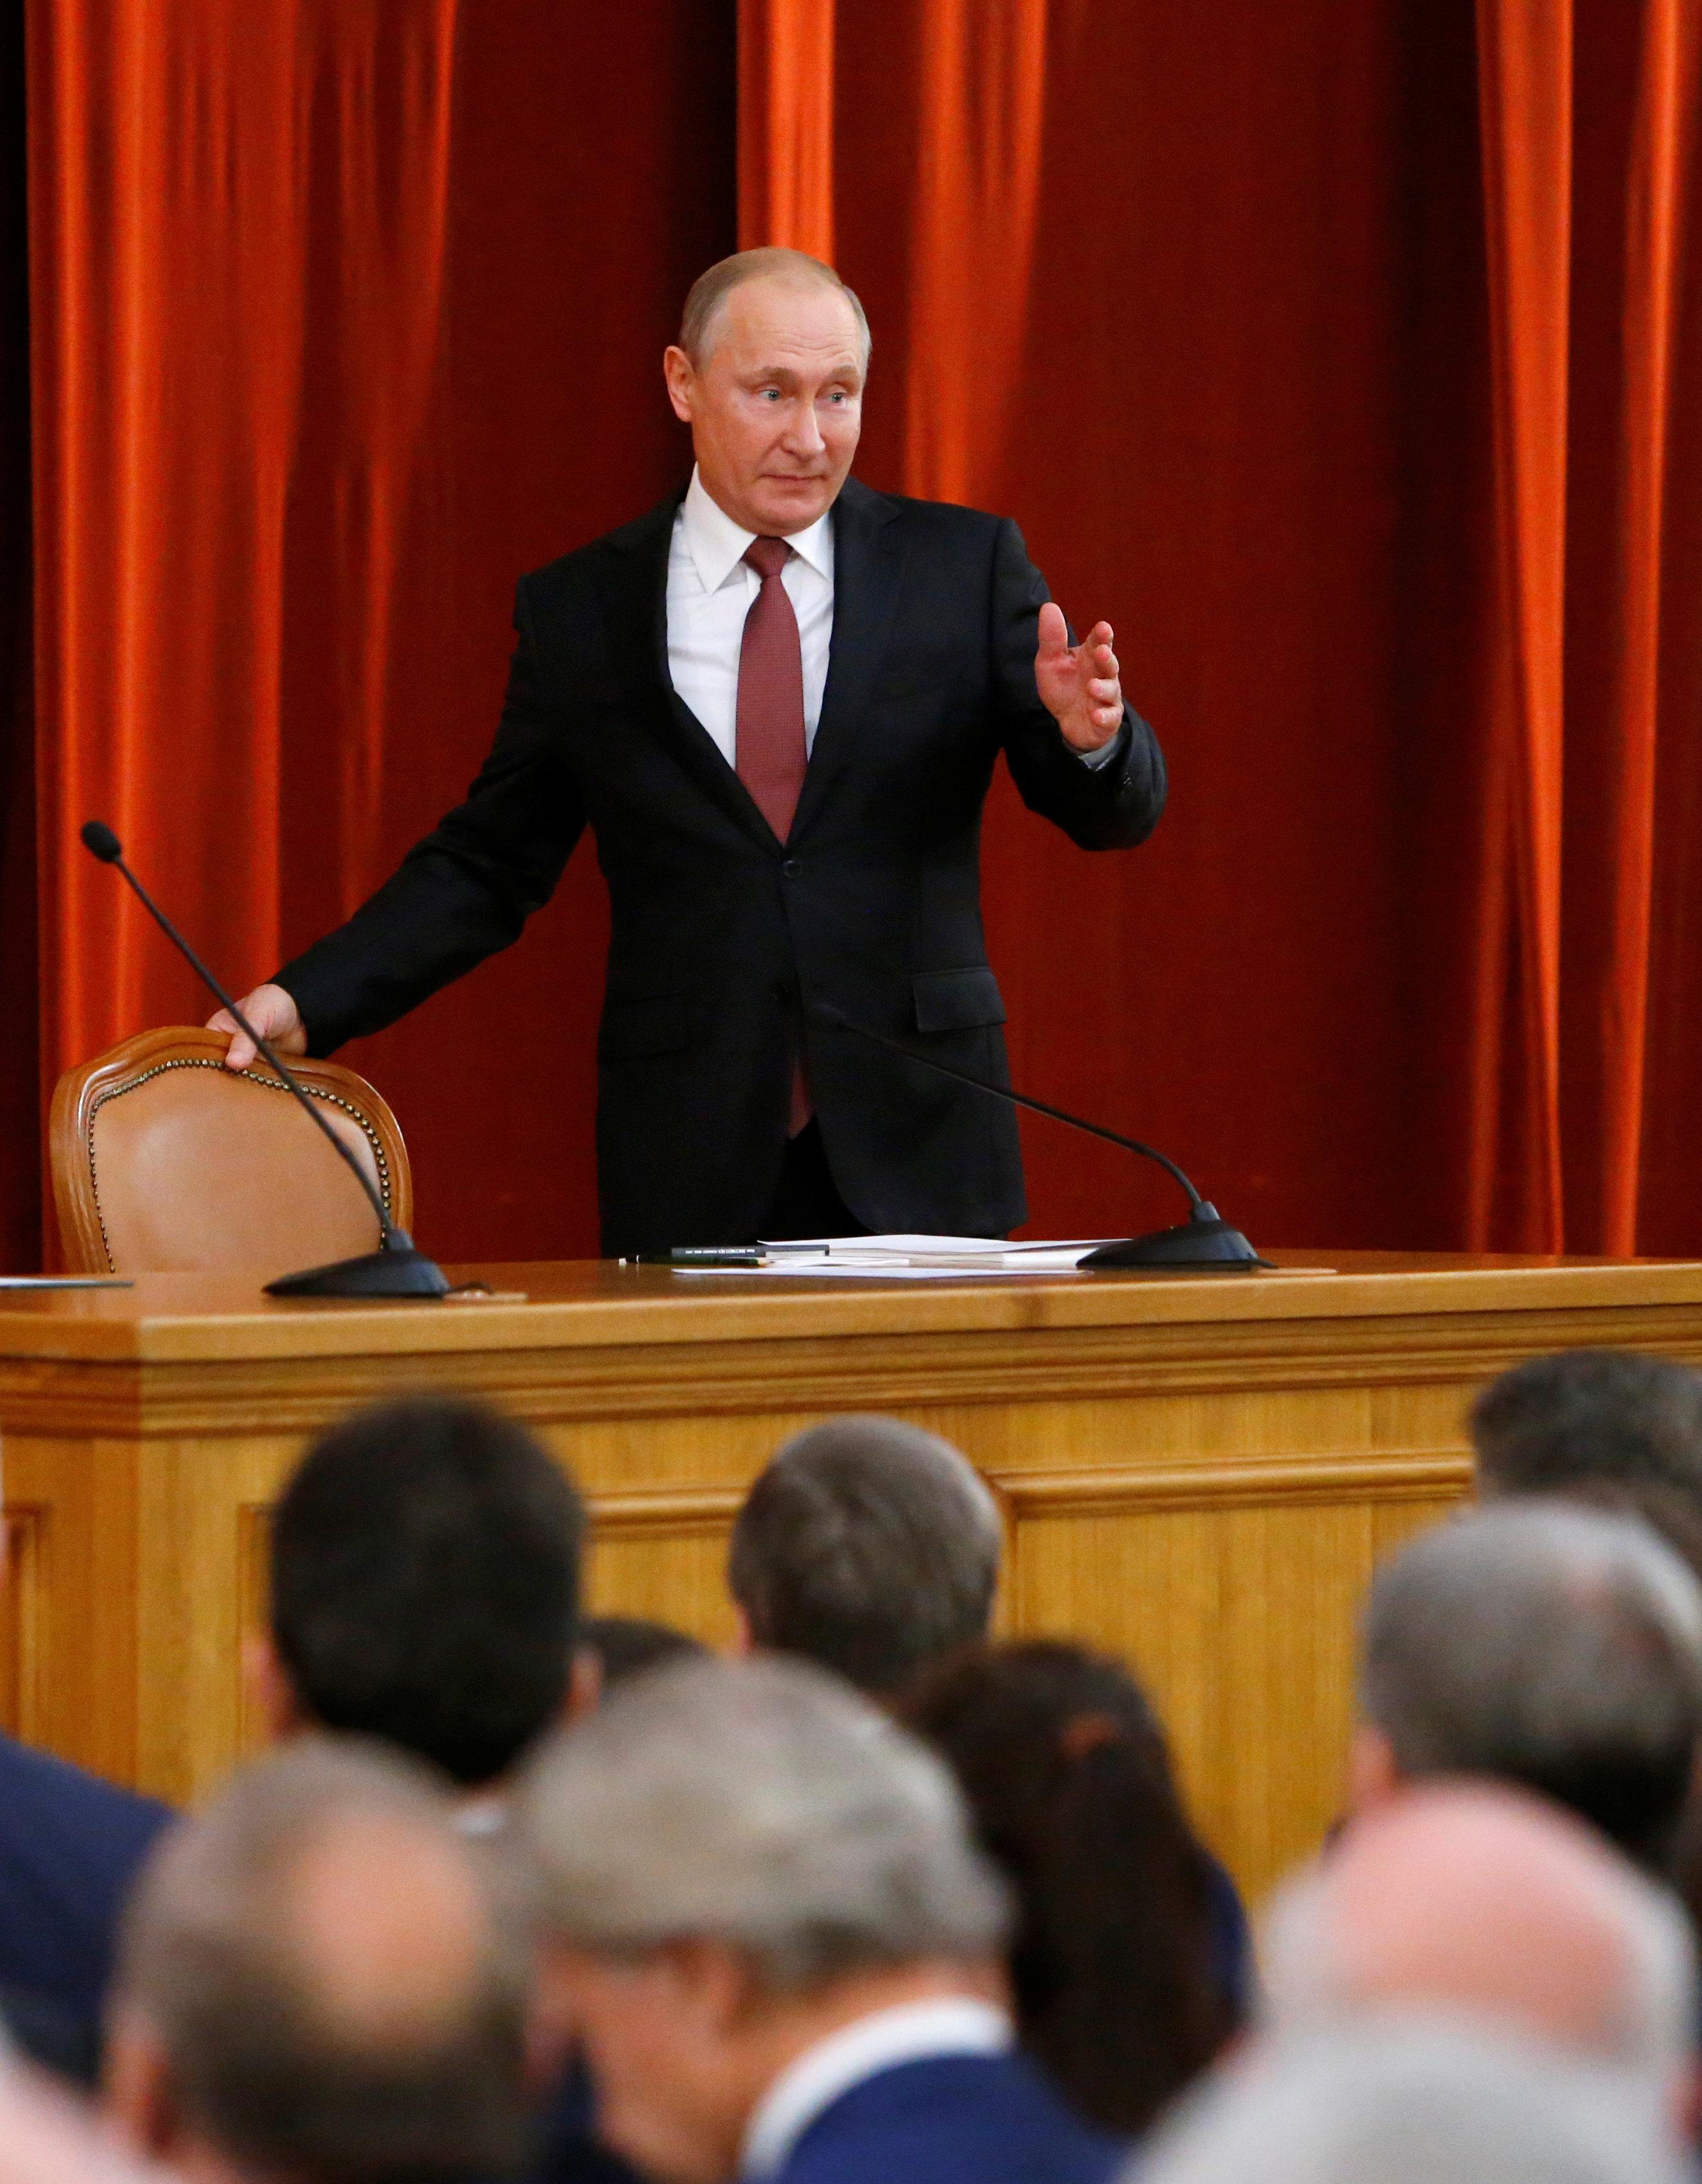 Πούτιν: Στις ΗΠΑ υπάρχουν δυνάμεις έτοιμες να θυσιάσουν τις ρωσο-αμερικανικές